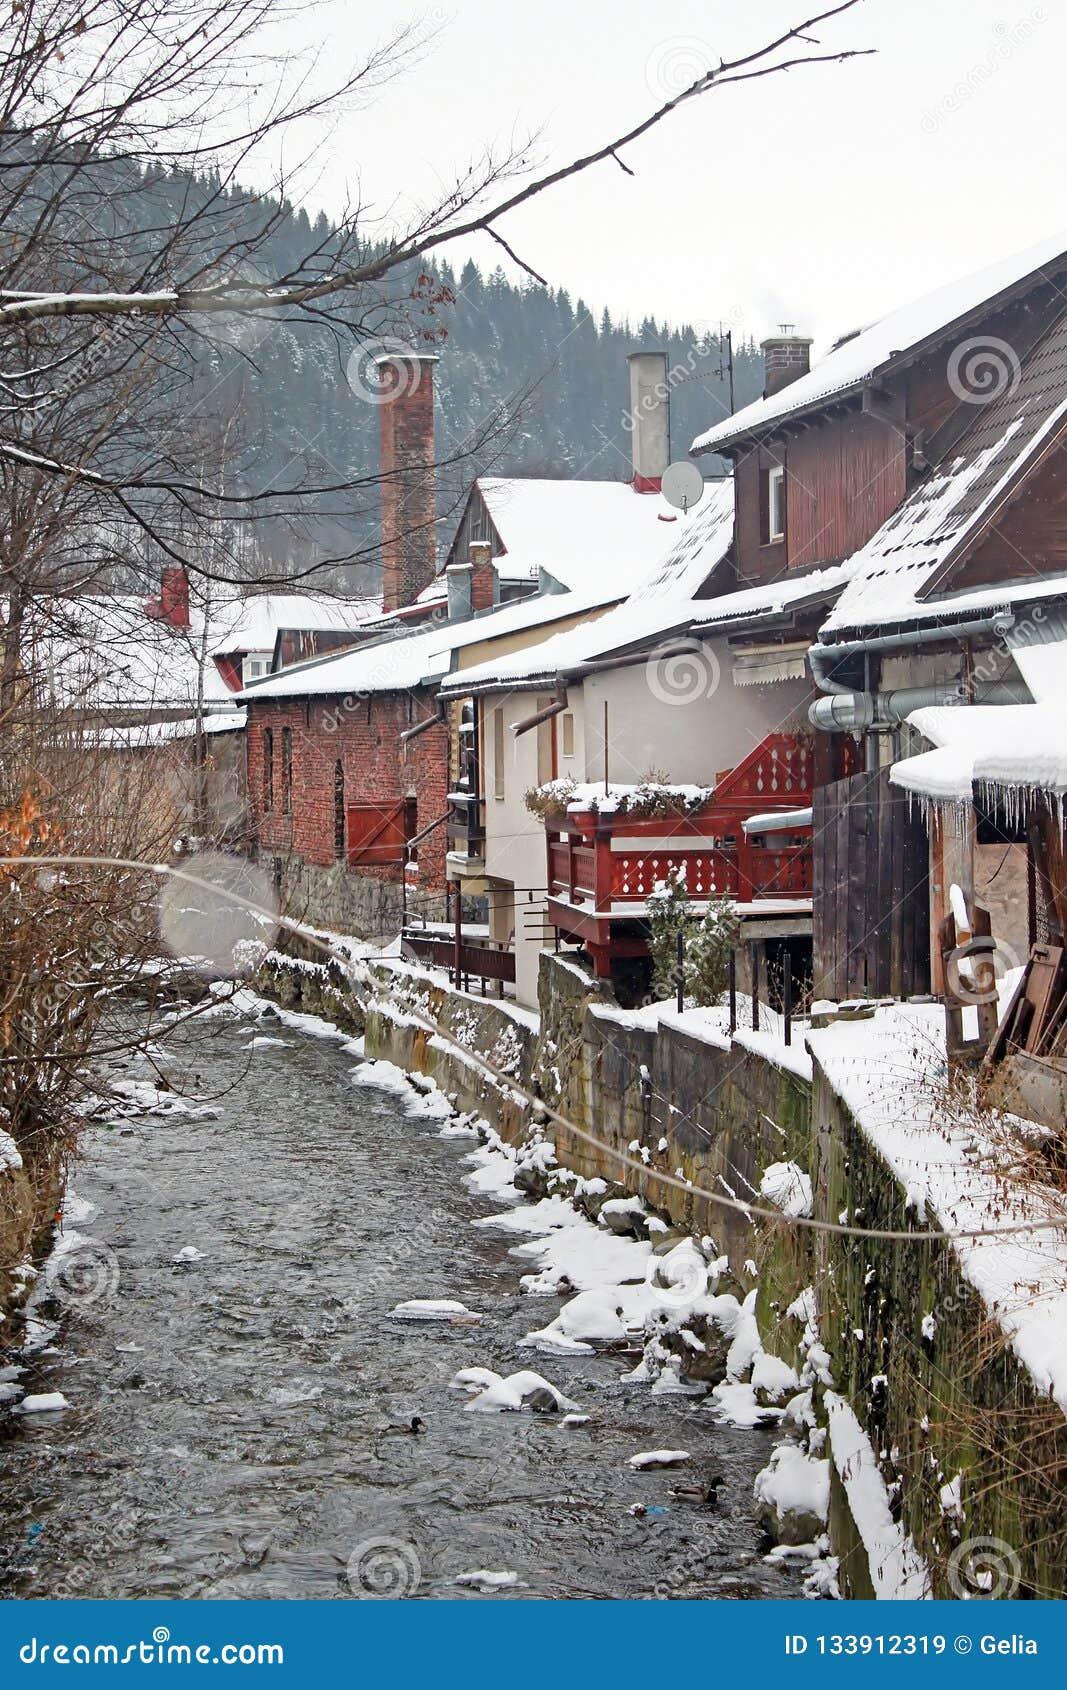 Zakopane-Stadt während des Schneiens, der Bäume, der Zäune und der alten Häuser entlang dem Gebirgsstrom